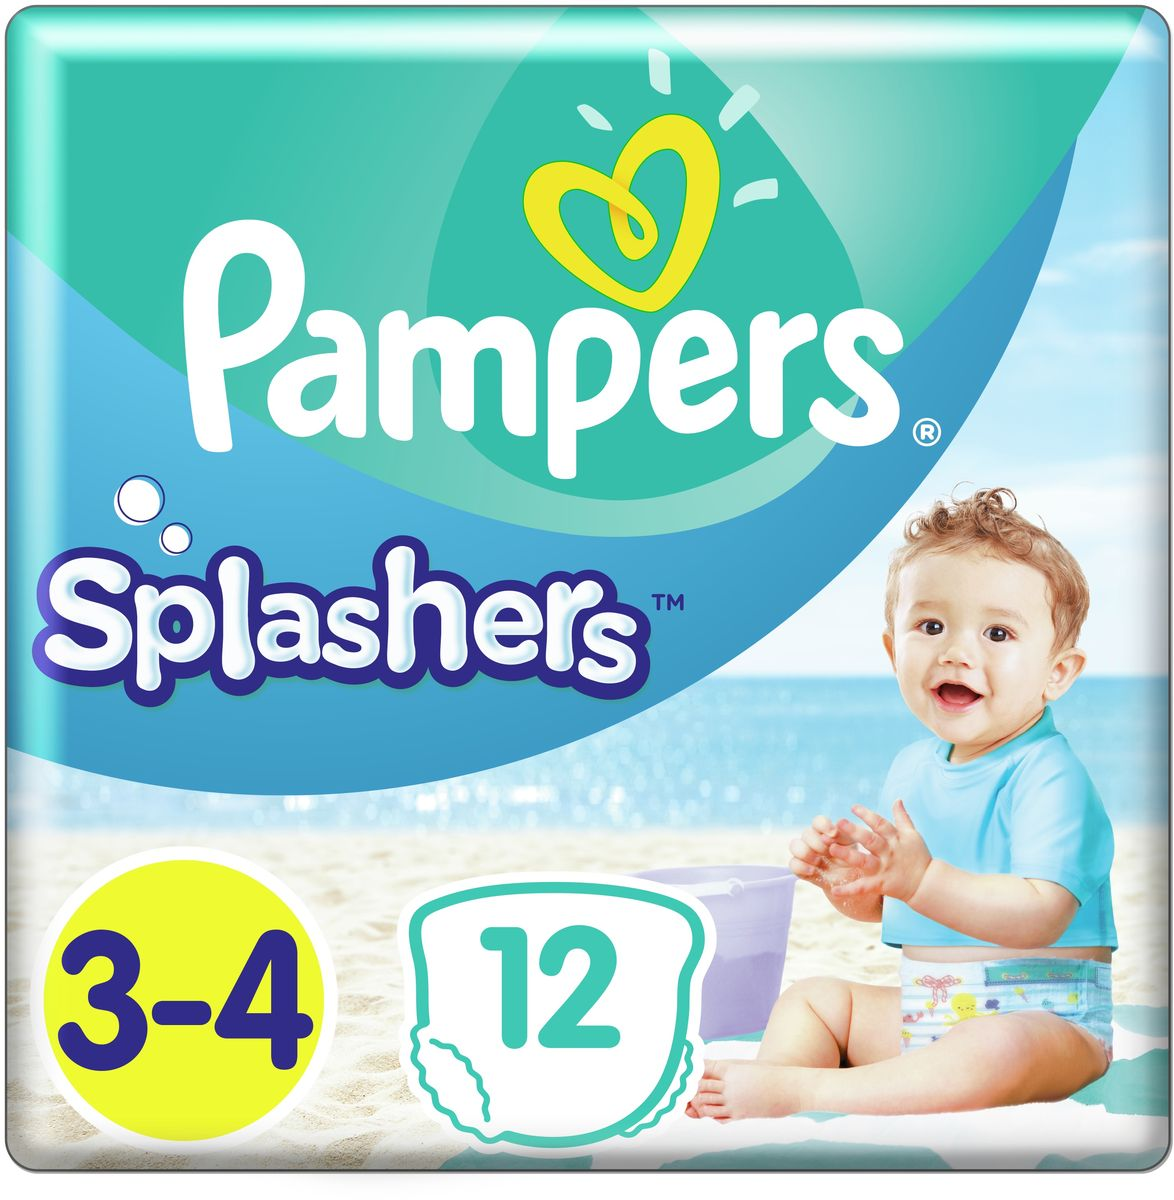 Pampers Трусики для плавания Splashers 6-11 кг (размер 3-4) 12 шт -  Подгузники и пеленки